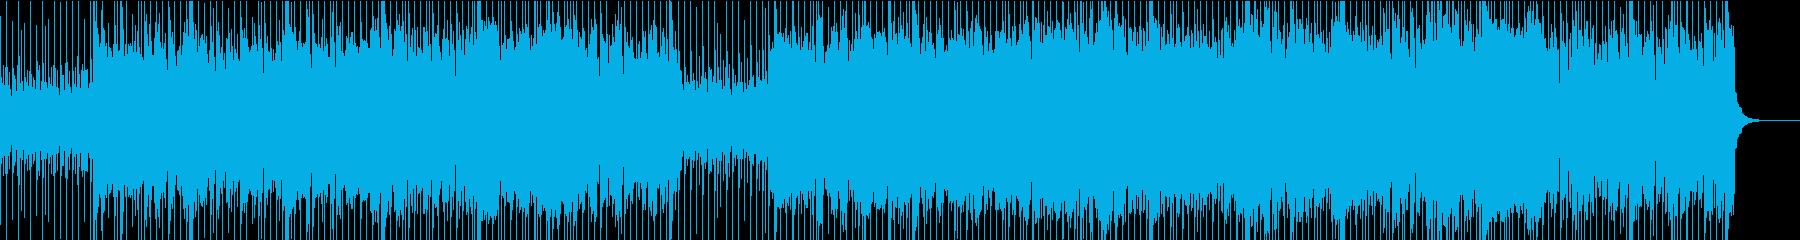 都会的な哀愁ディスコ/メロウミドルテンポの再生済みの波形